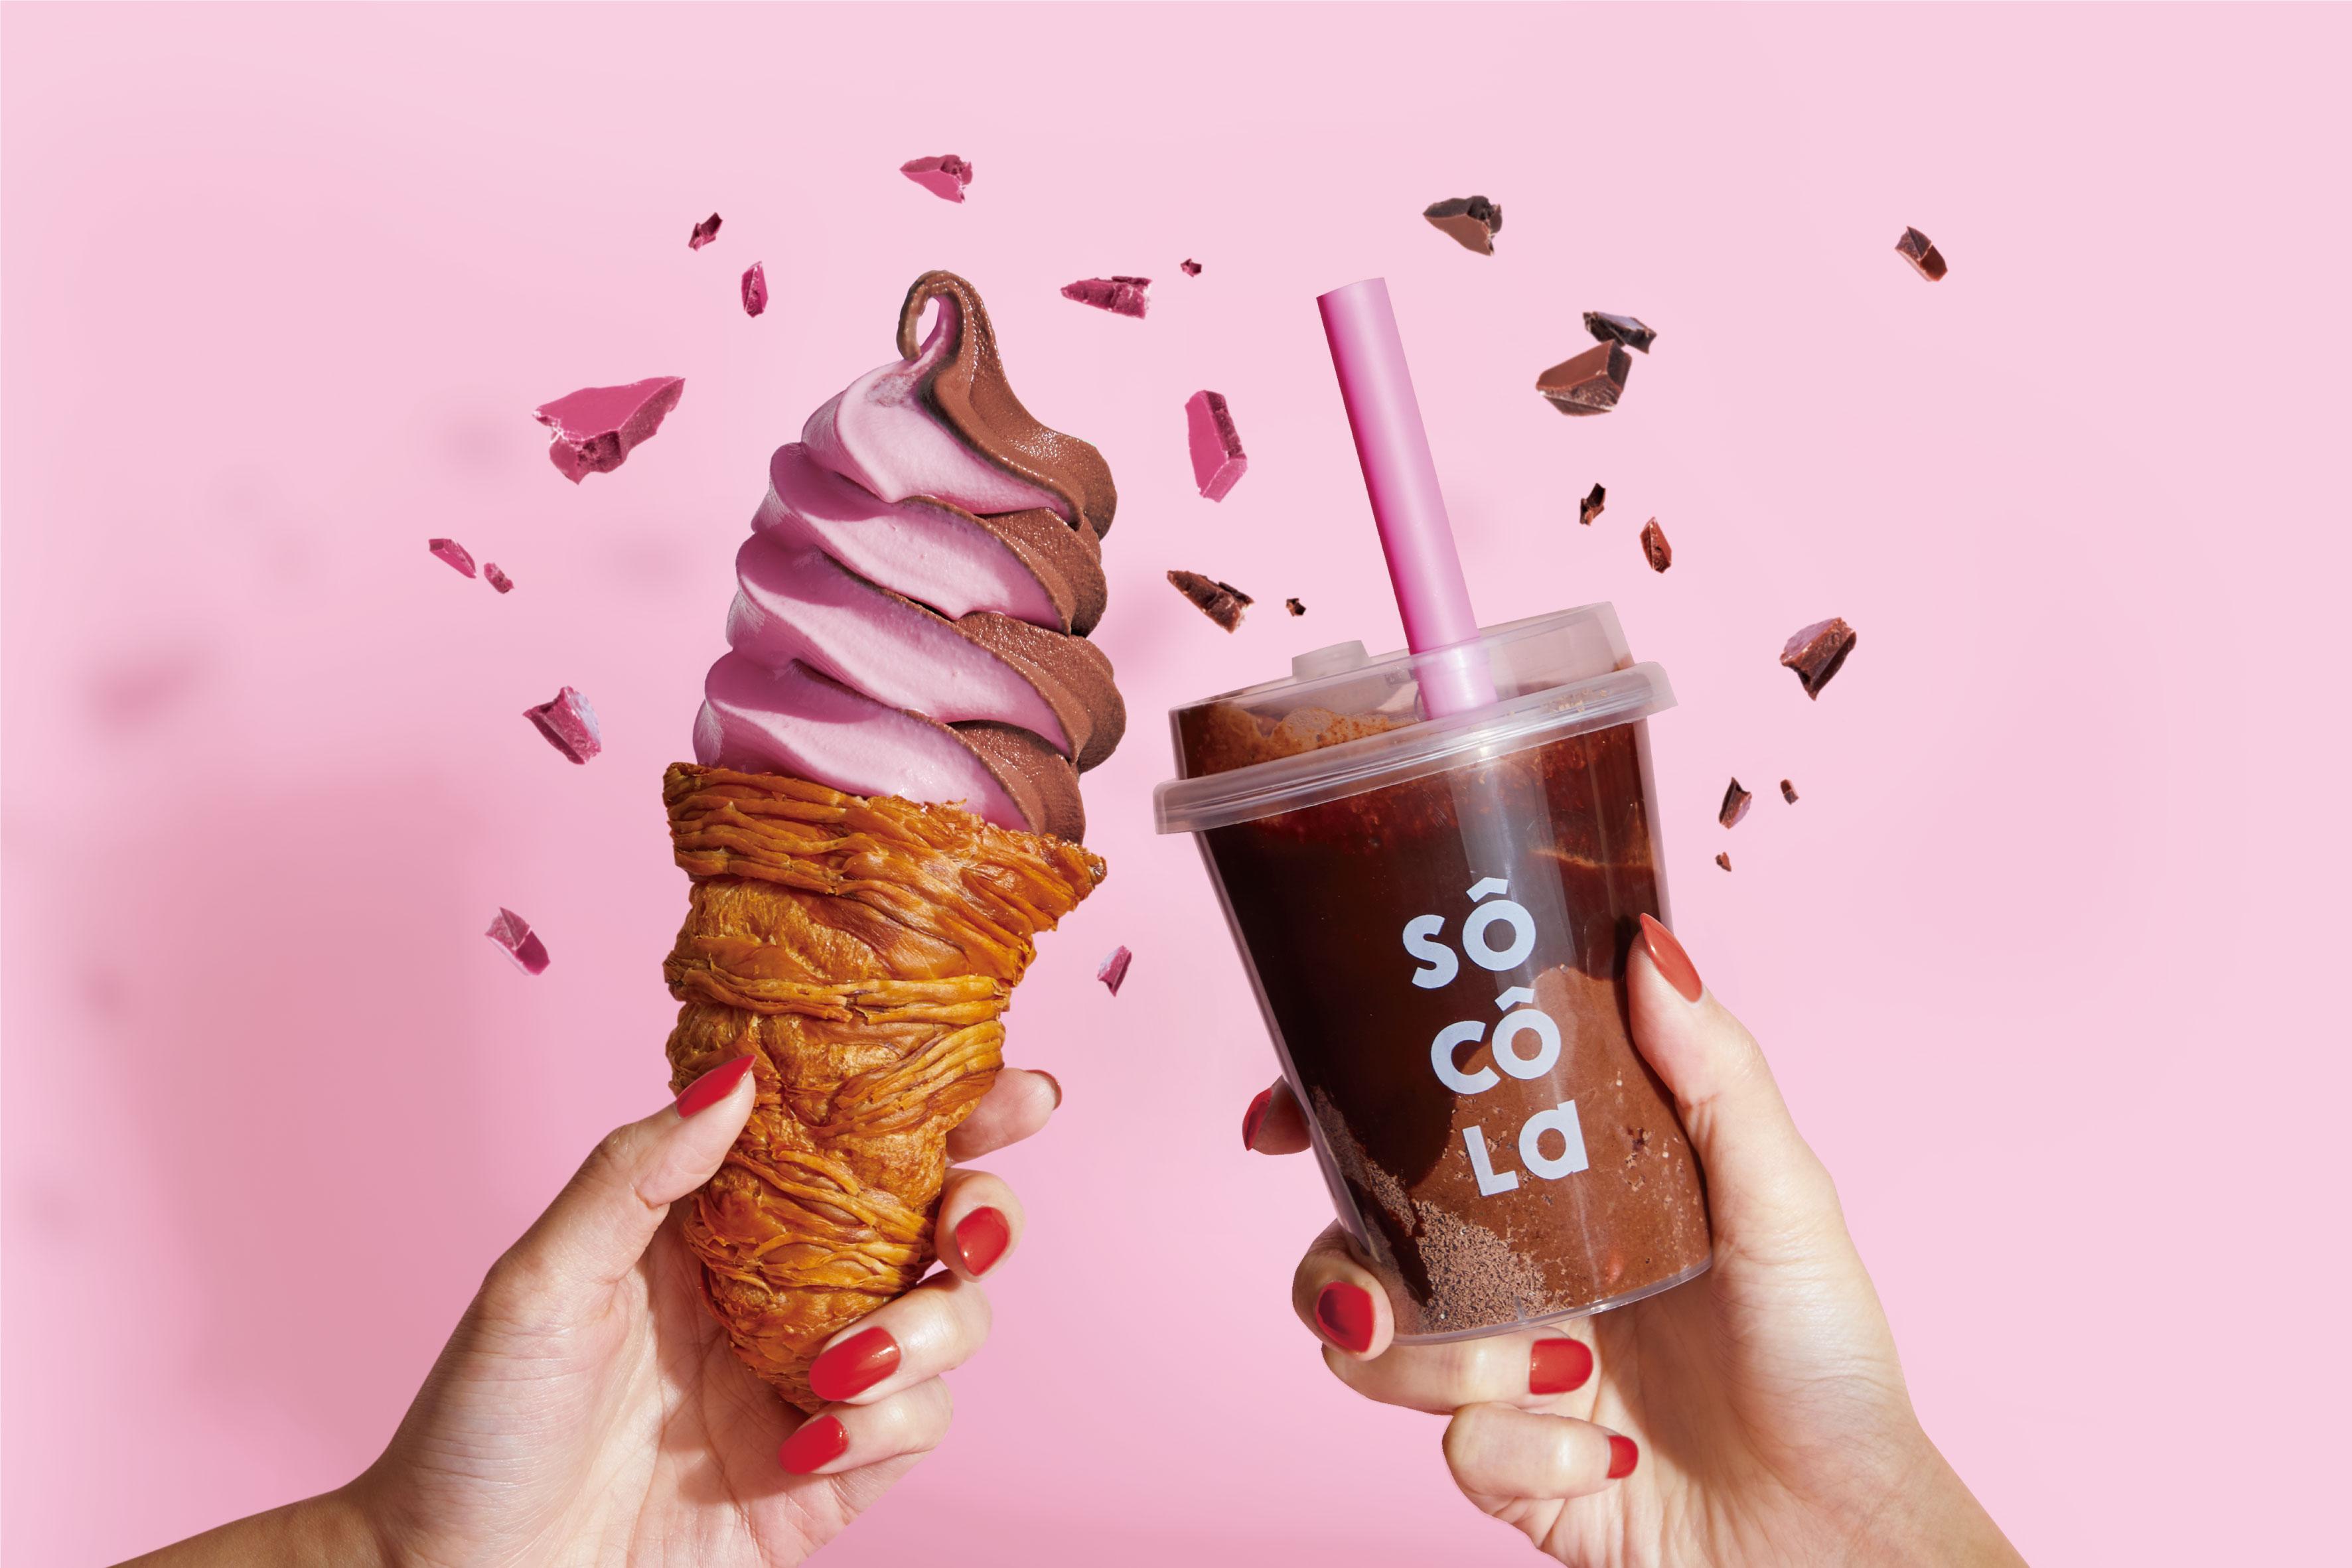 大阪「なんばCITY本館」に濃厚チョコレート専門店『ソコラ』がオープン! ソフトクリームもスムージーも絶対に食べたい♡_1